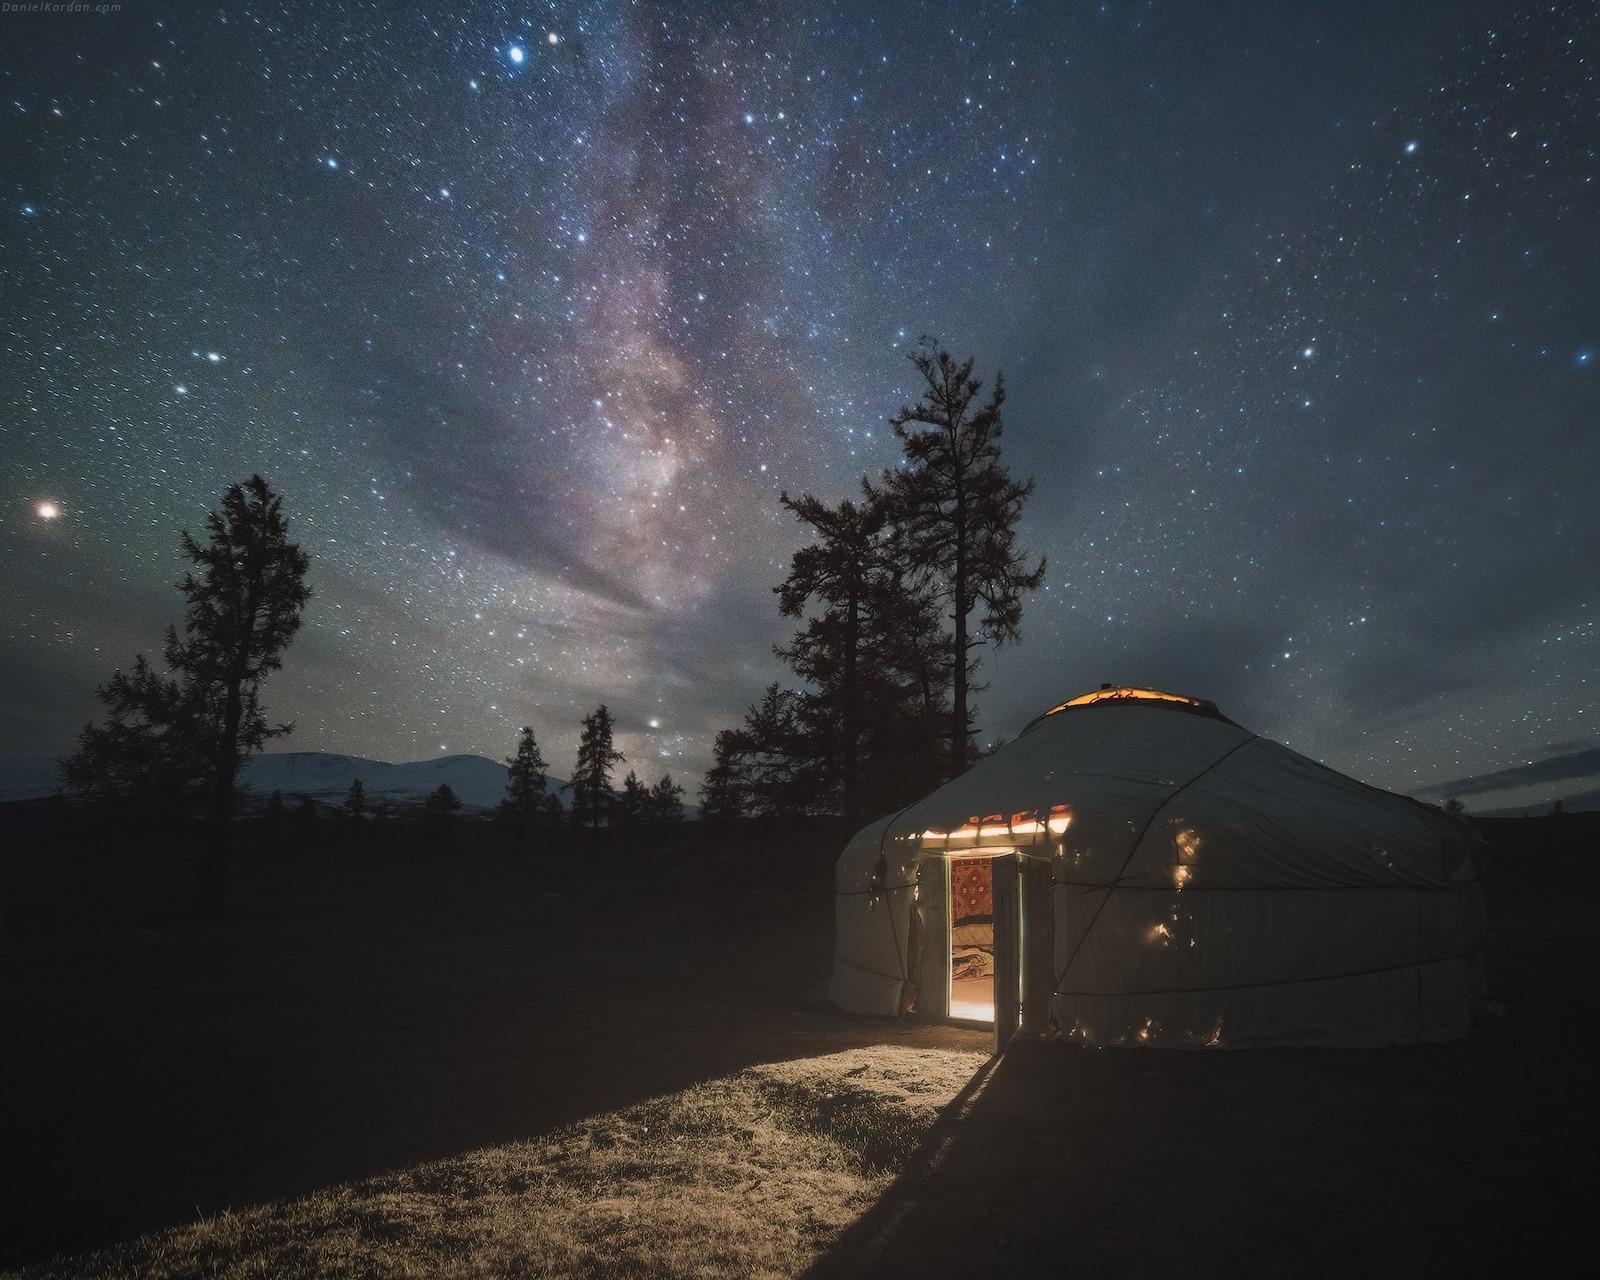 ФОТО: Монголын намар Орос гэрэл зурагчны дуранд